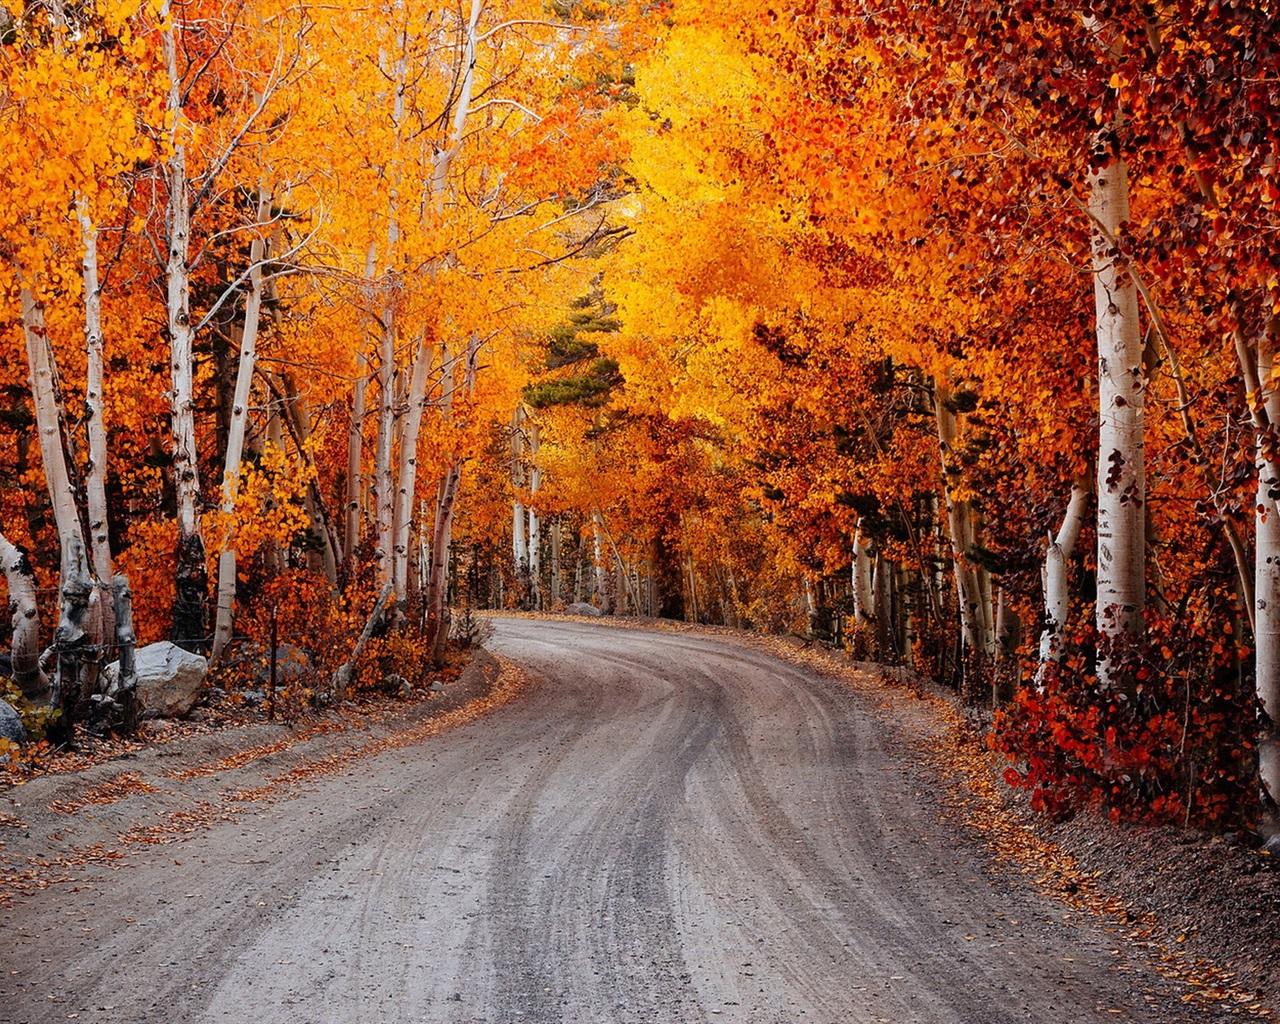 Birch rote bl 228 tter herbst stra 223 e hintergrundbilder 1280x1024